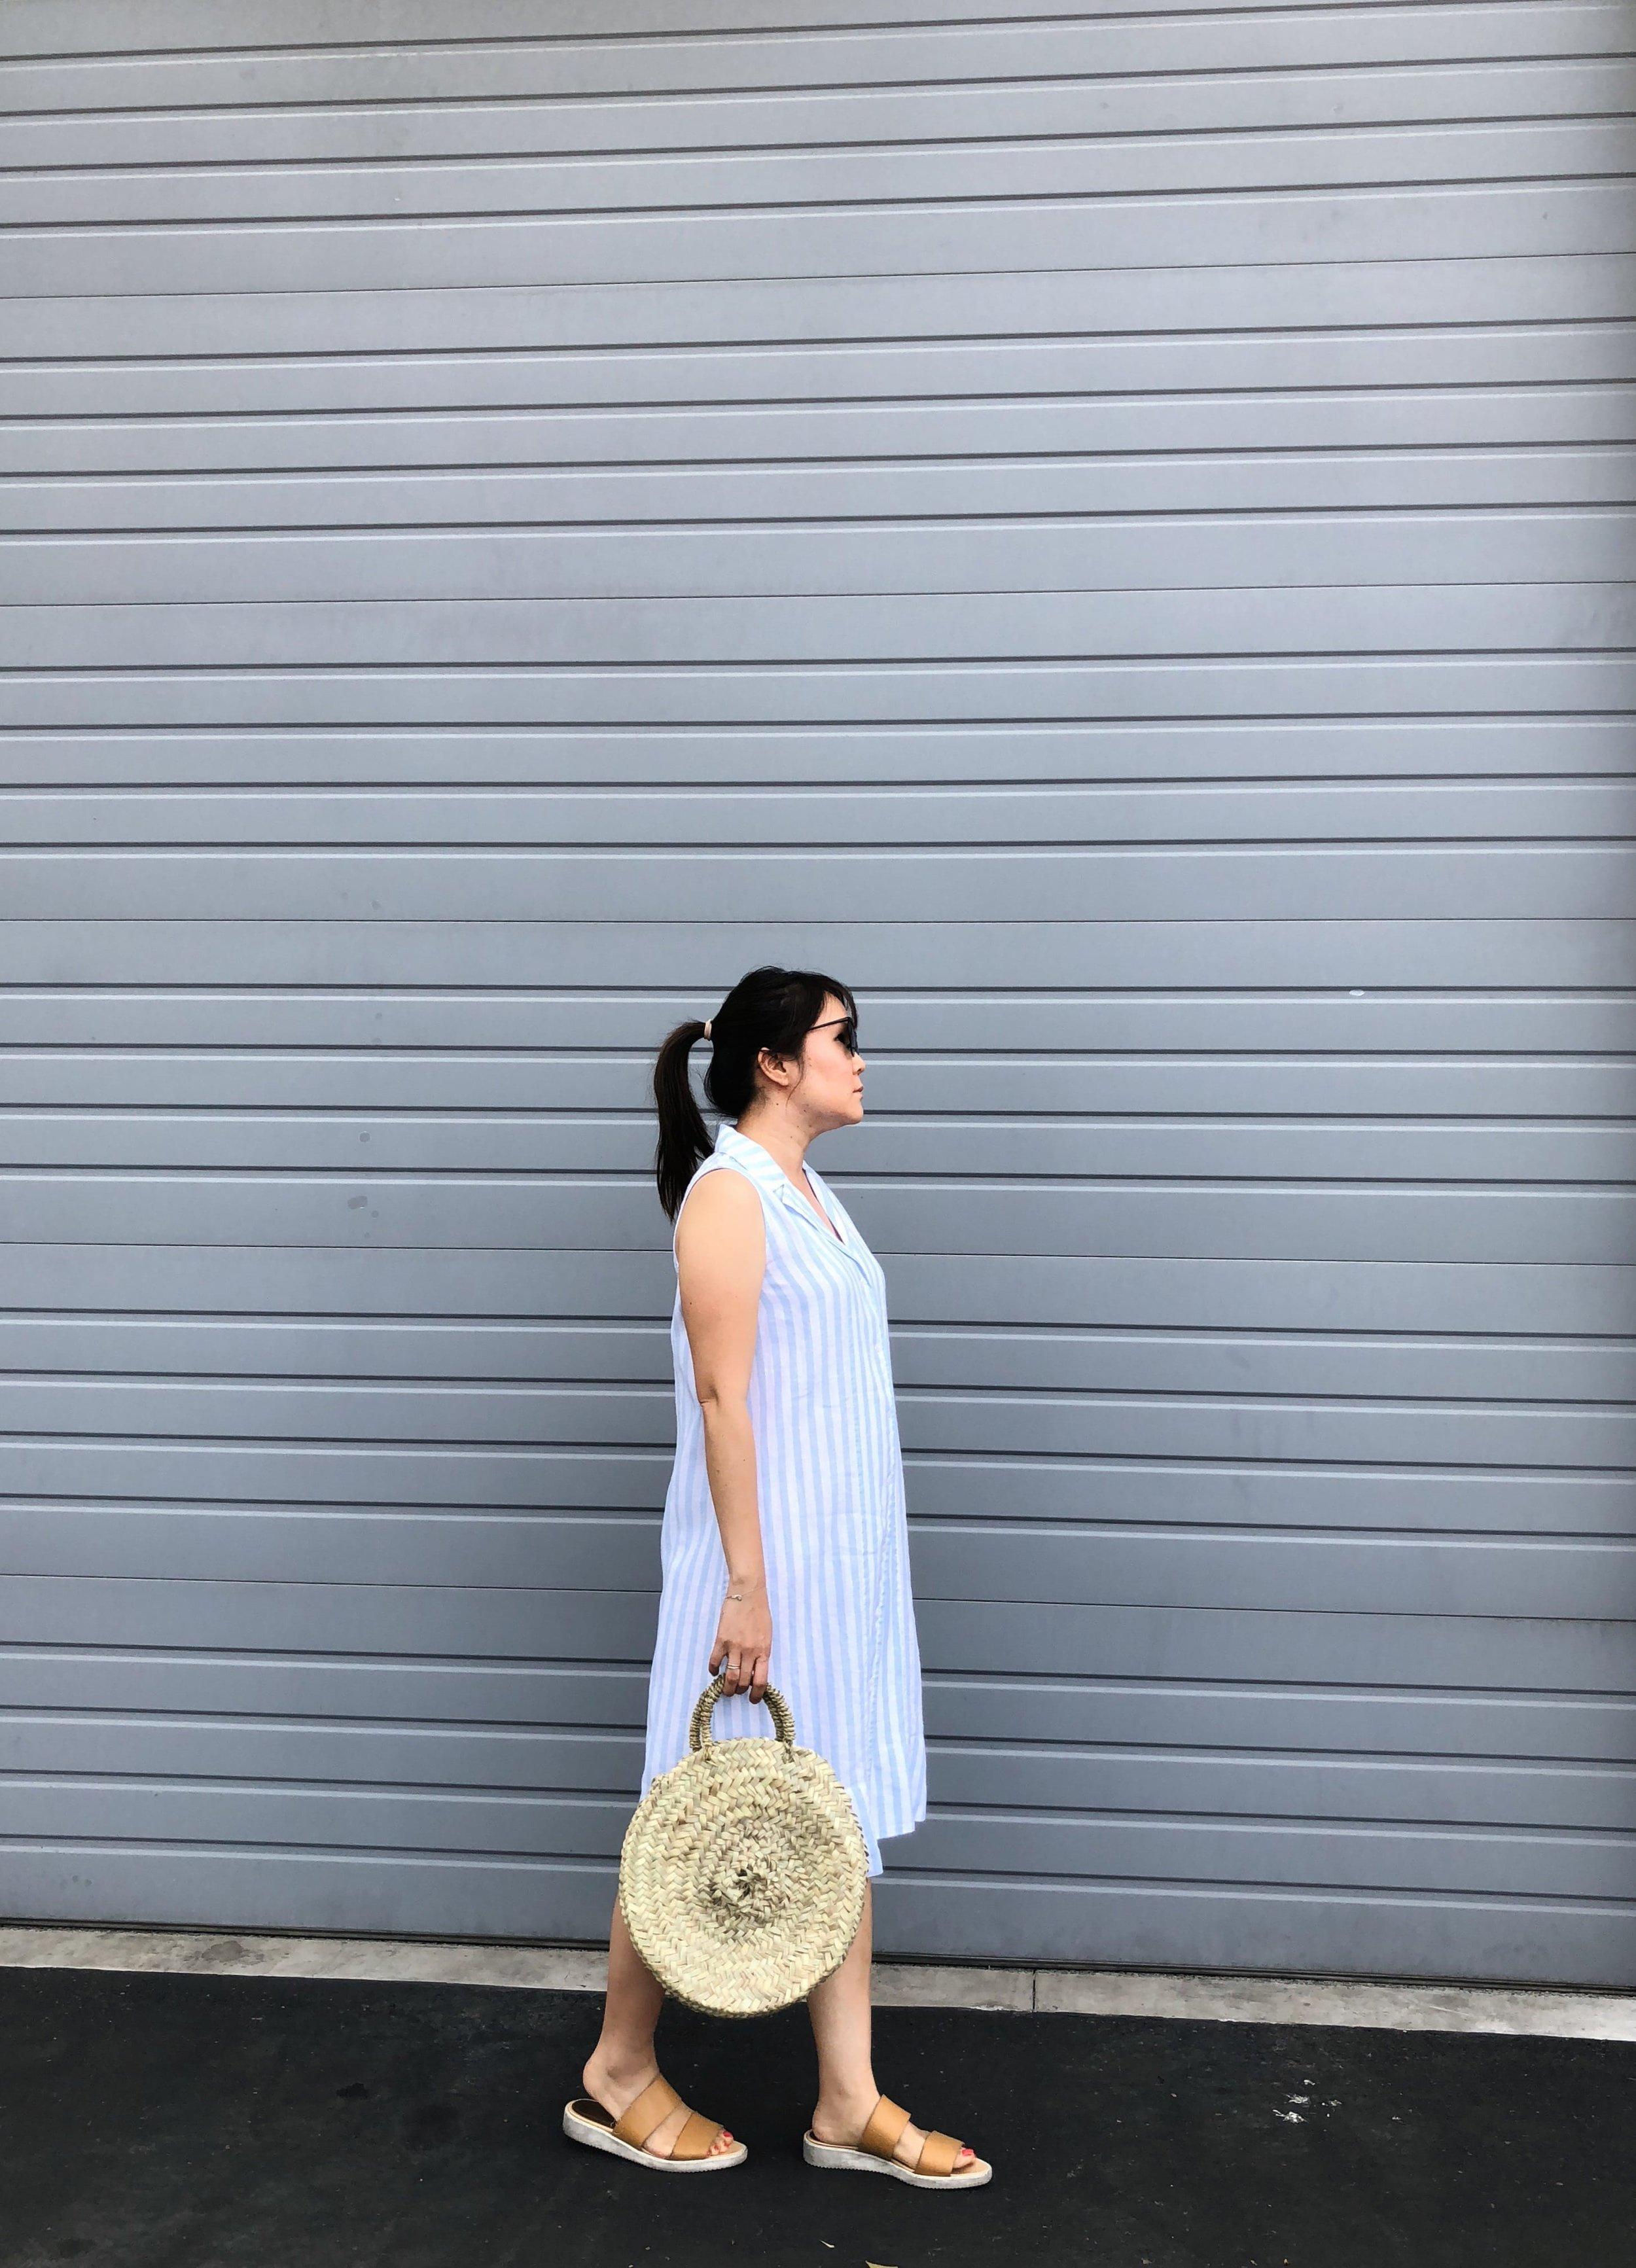 Everlane Linen Sleeveless Shirtdress Review